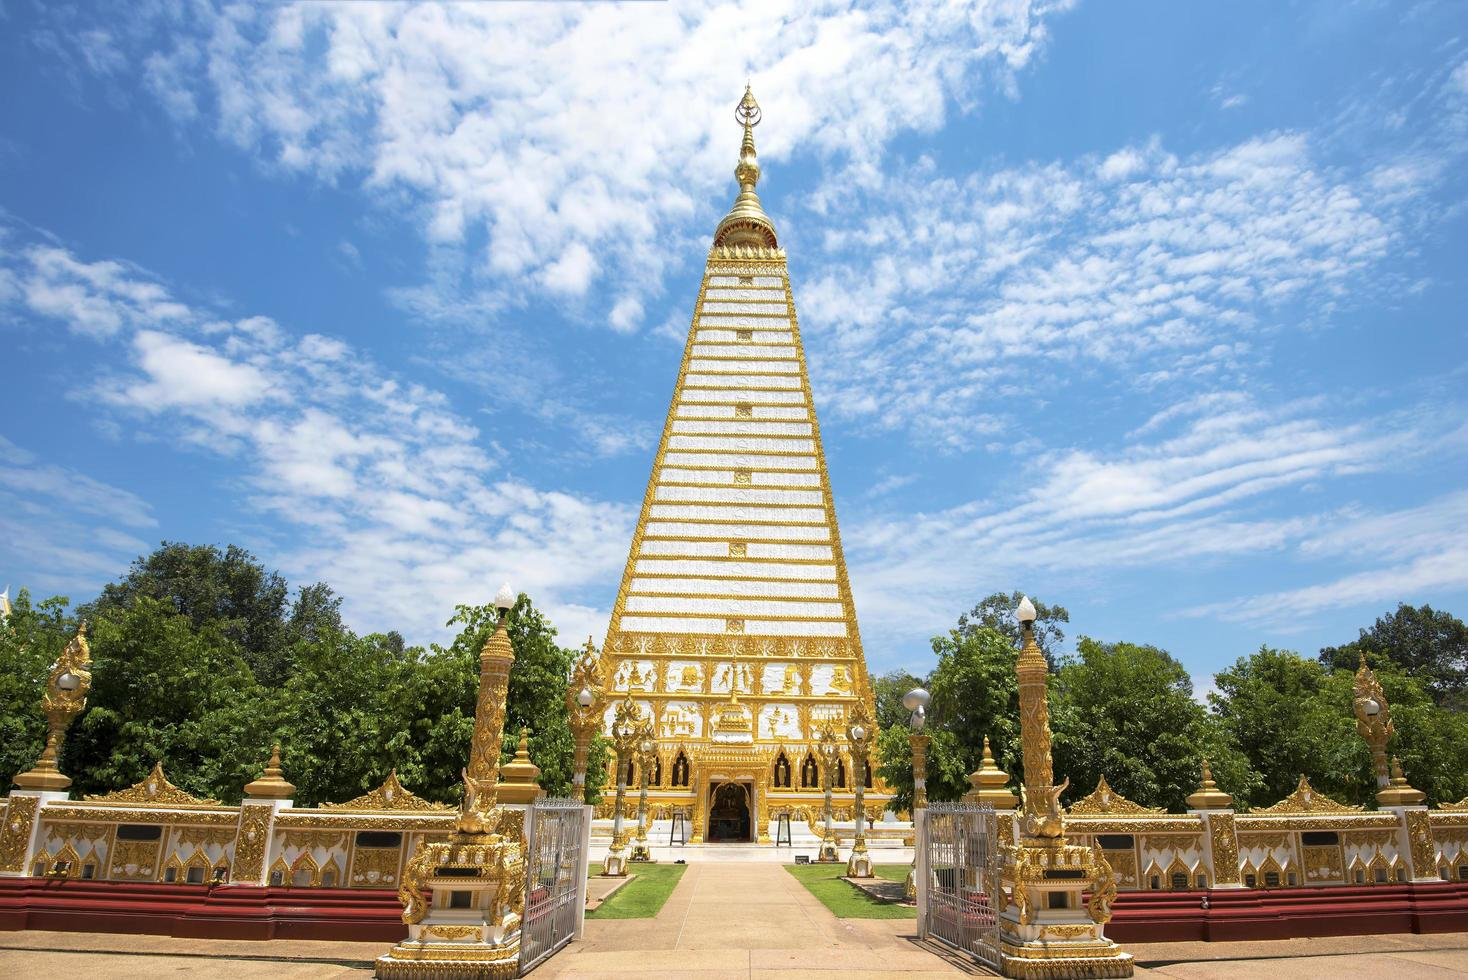 wat frathat nong bua i Thailand foto